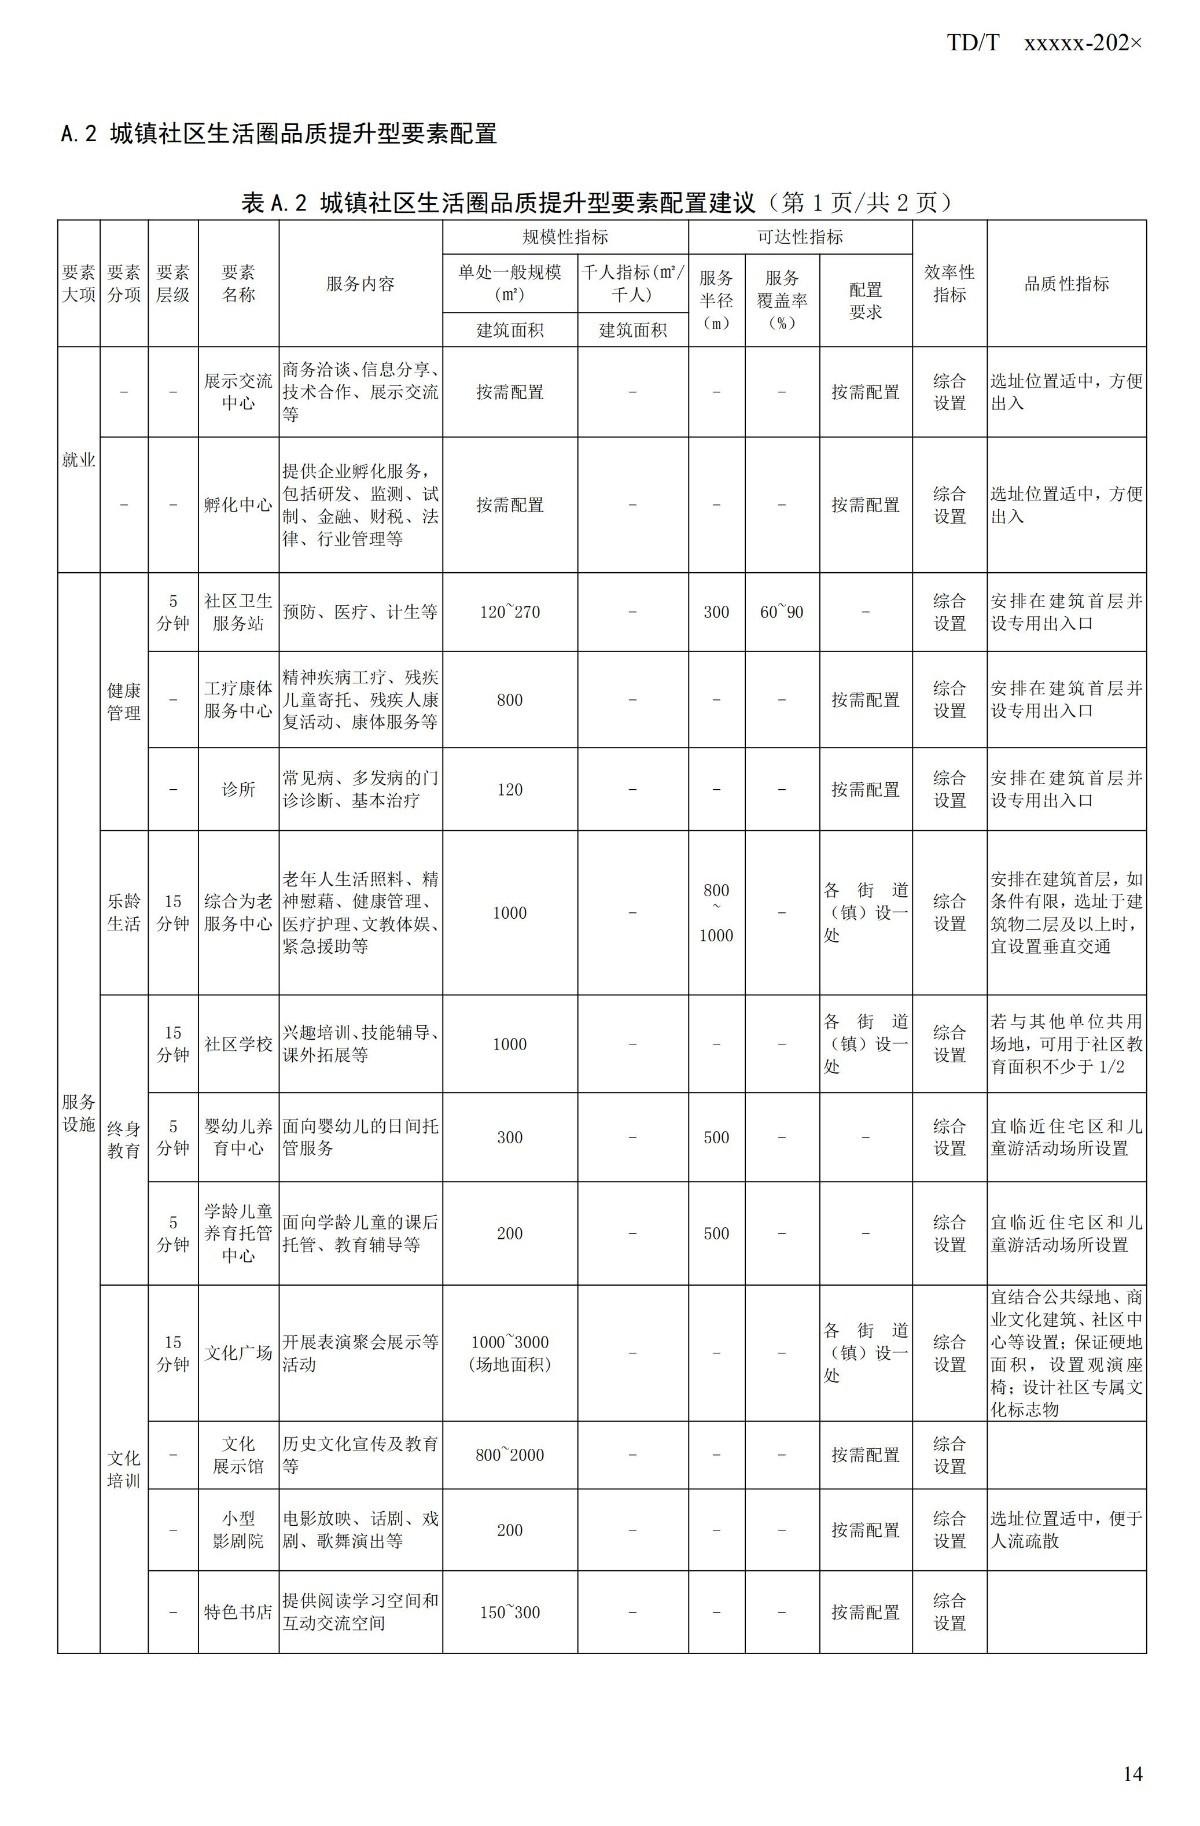 20_WD_240432_社区生活圈规划技术指南_19.jpg